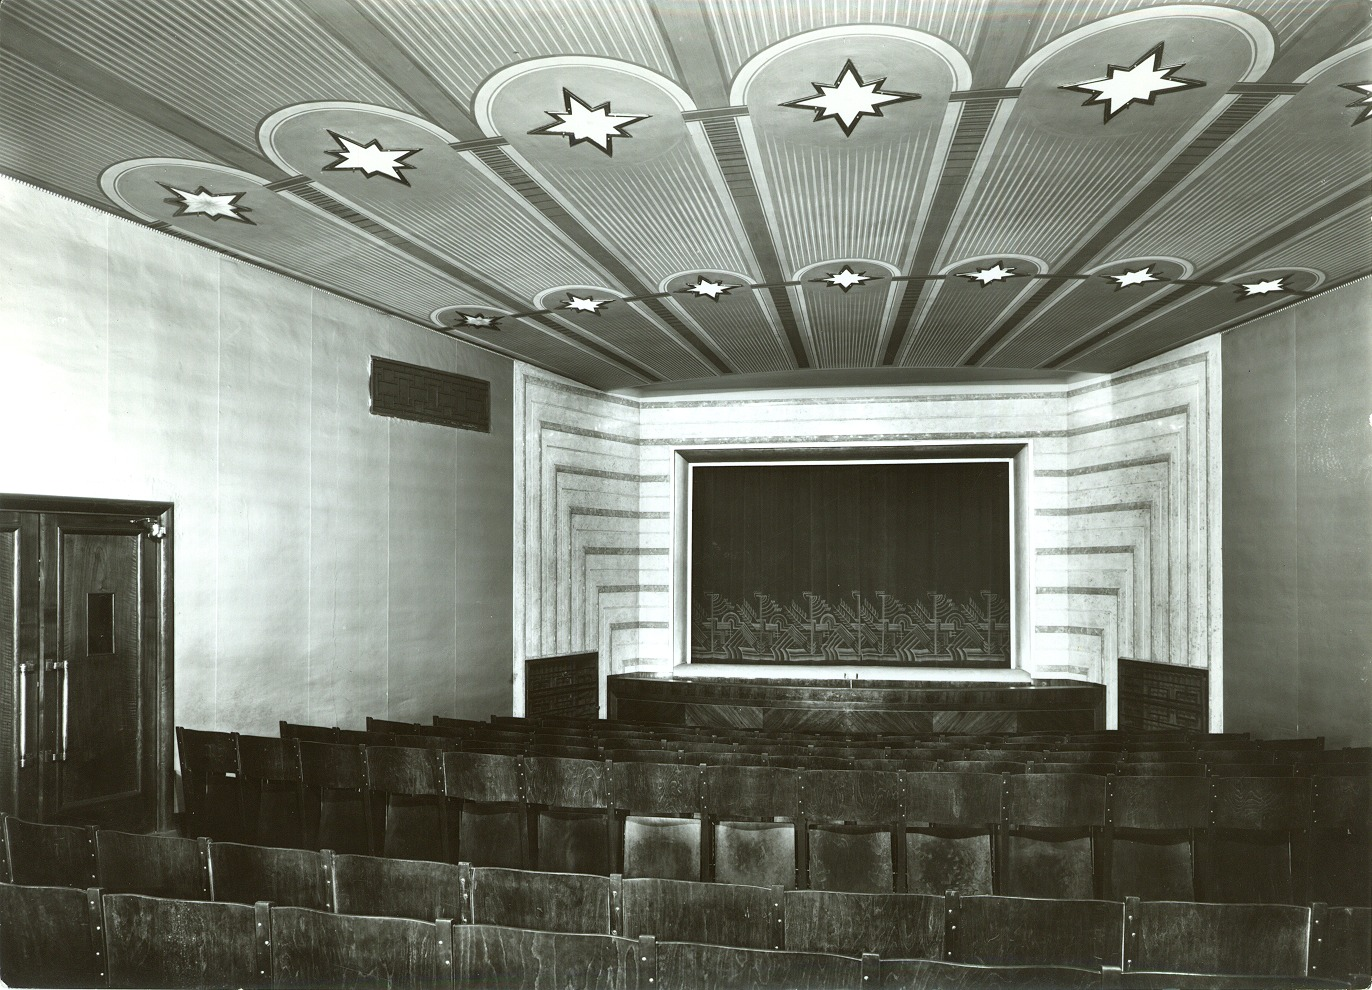 Intérieur de l'Umělecká scéna Říše loutek (Prague, Tchécoslovaquie) en 1929. Photo réproduite avec l'aimable autorisation de Archives de Umělecká scéna Říše loutek